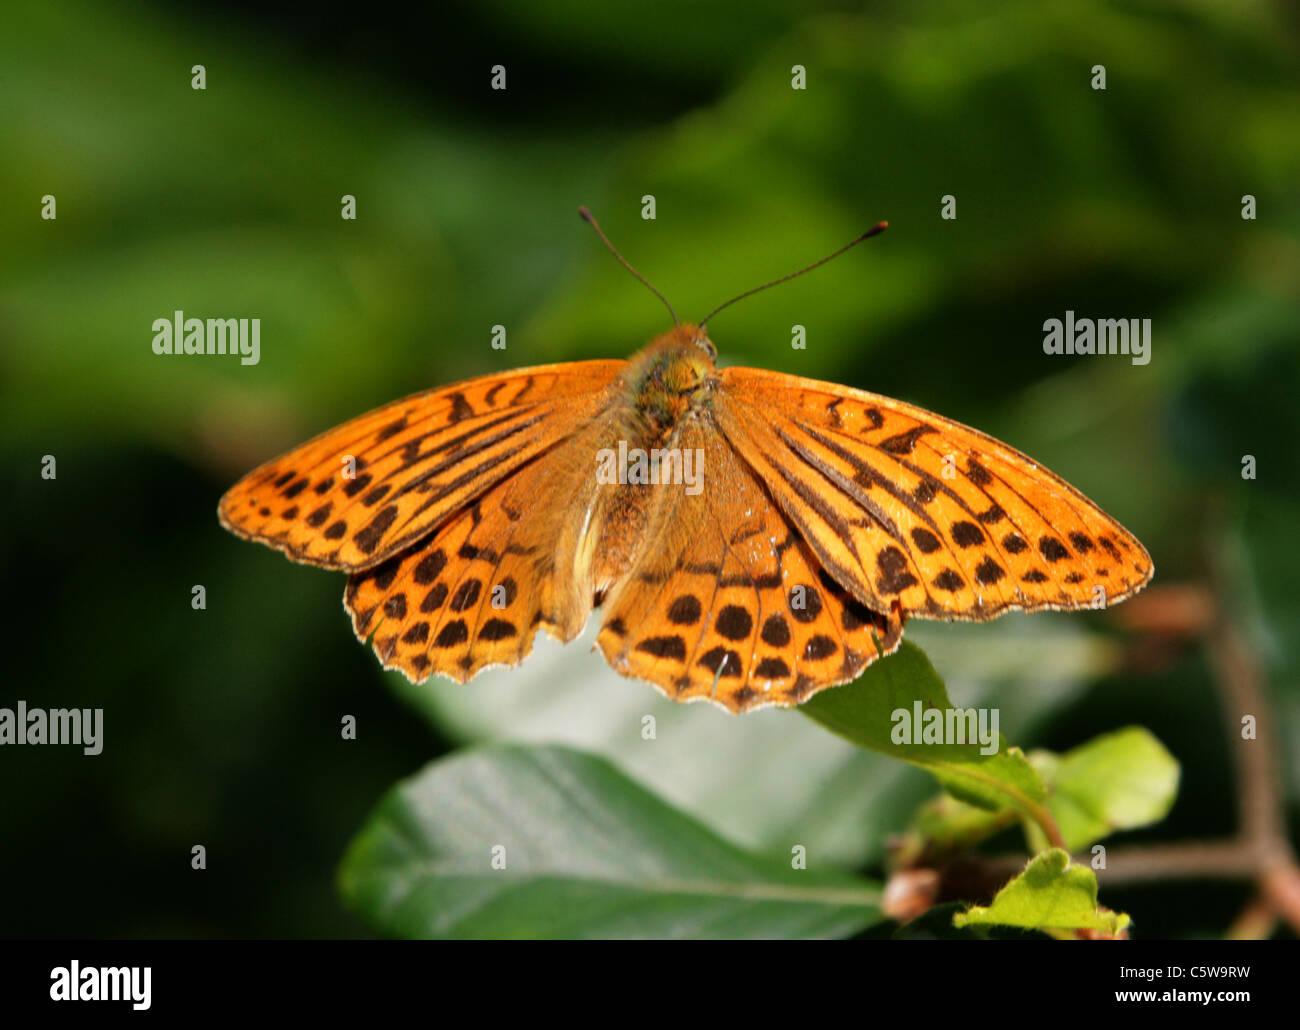 Silver-Washed Fritillary, Argynnis paphia, Nymphalidae. - Stock Image